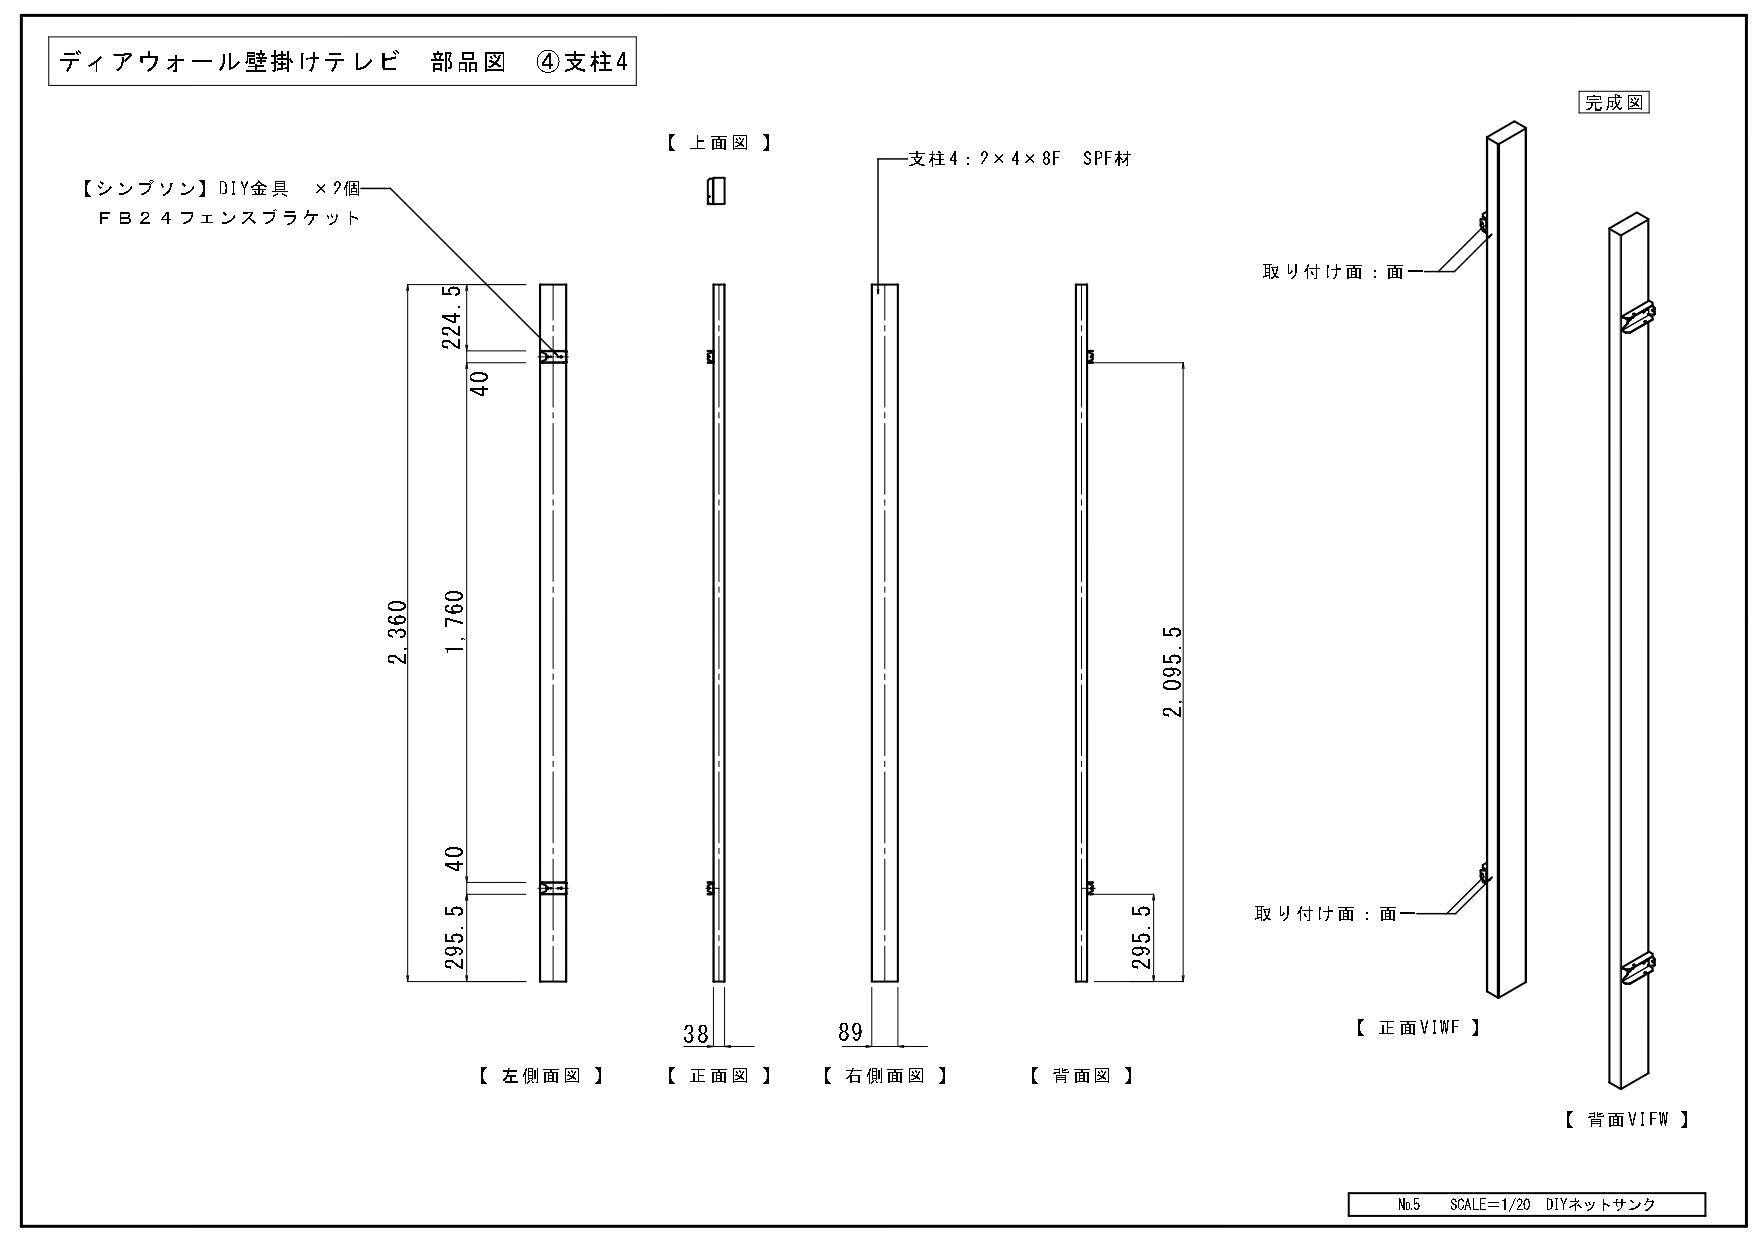 5 ディアウォール壁掛けテレビ支柱4部品図